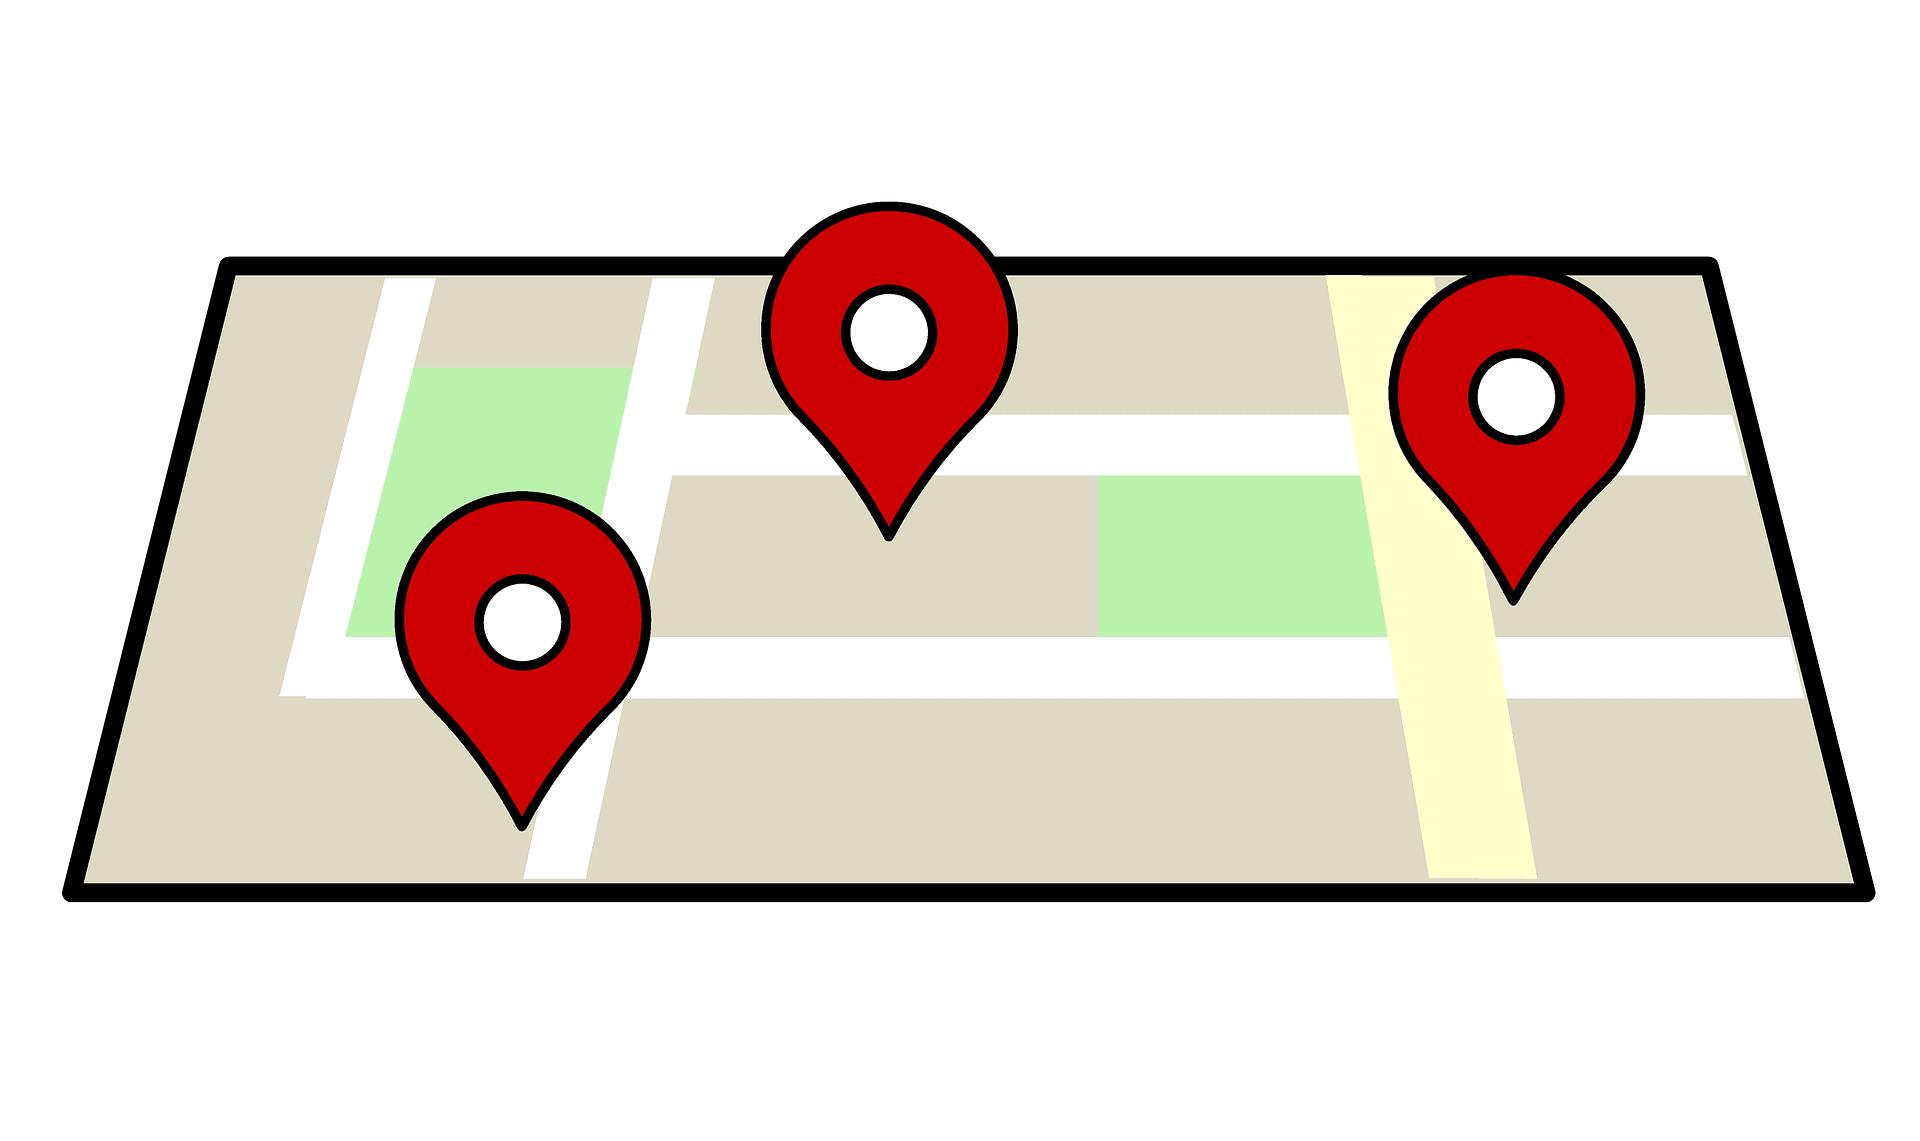 """Lokalizacja smartfonów z Androidem pomaga w walce z przestępstwami. Walka o bezpieczeństwo obywateli czy wizja z """"Roku 1984"""" Orwella?"""